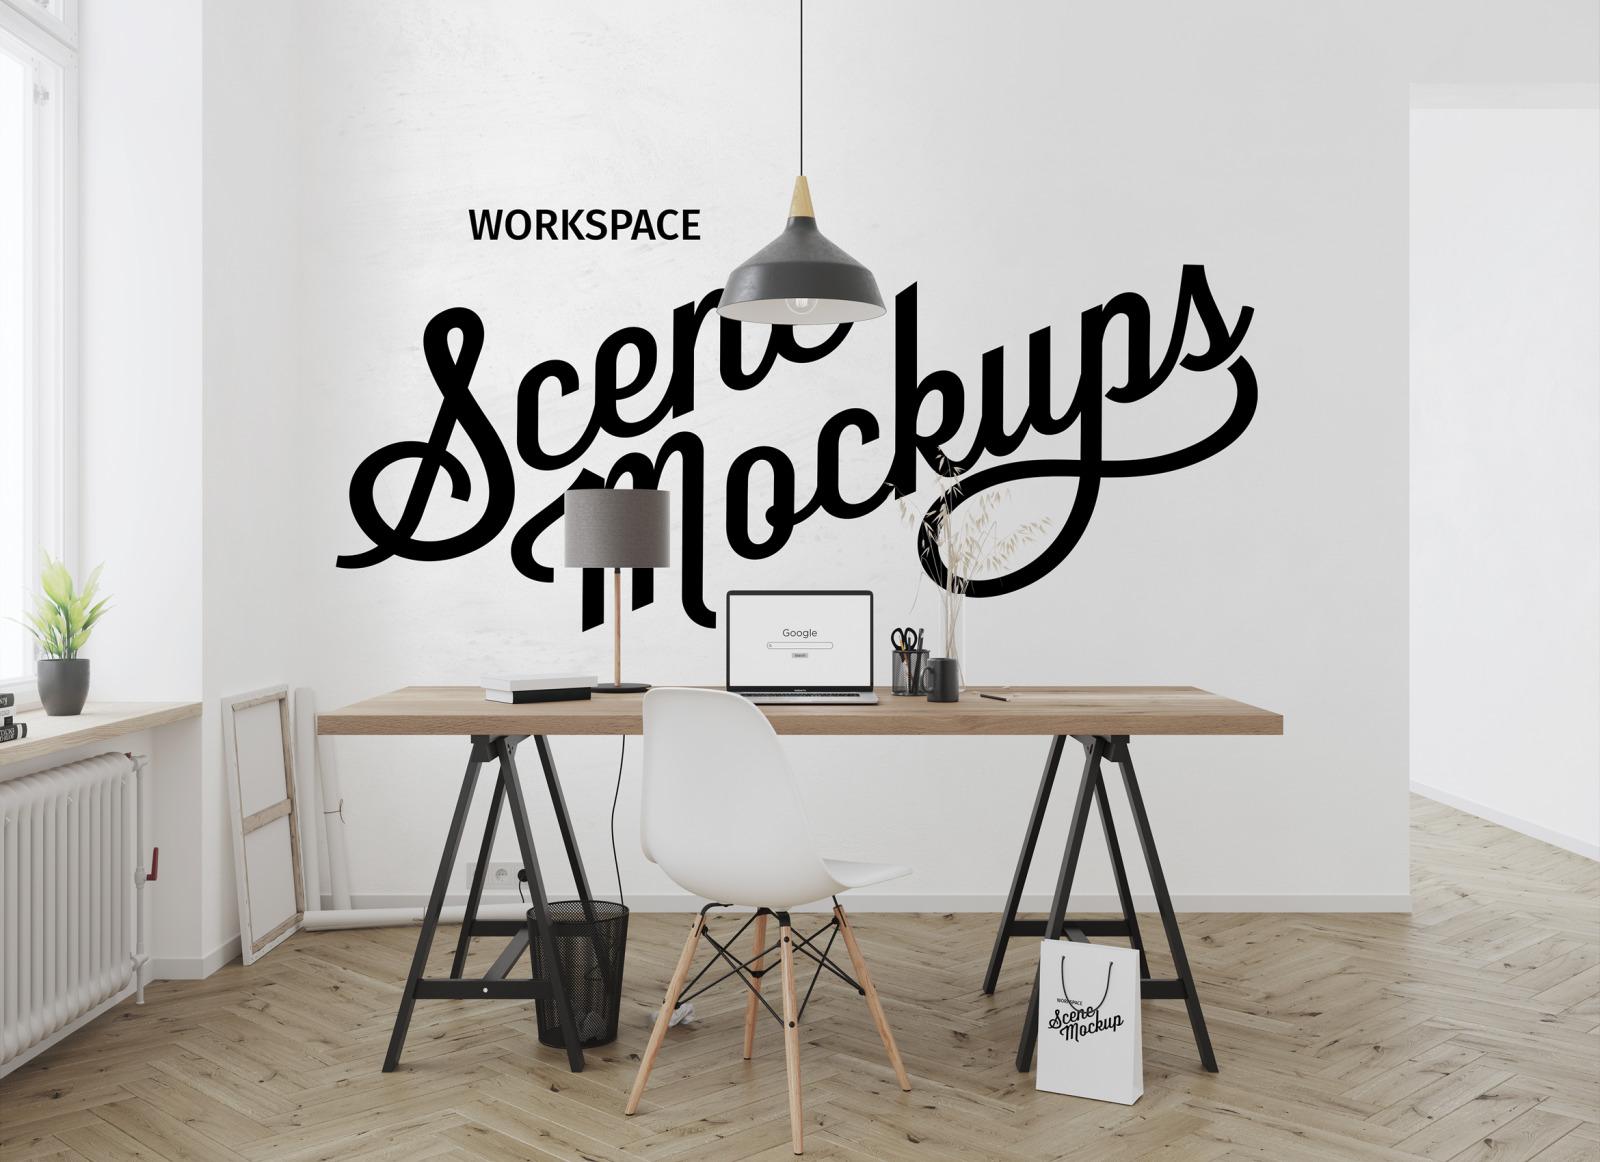 Workspace desk Interior mockups